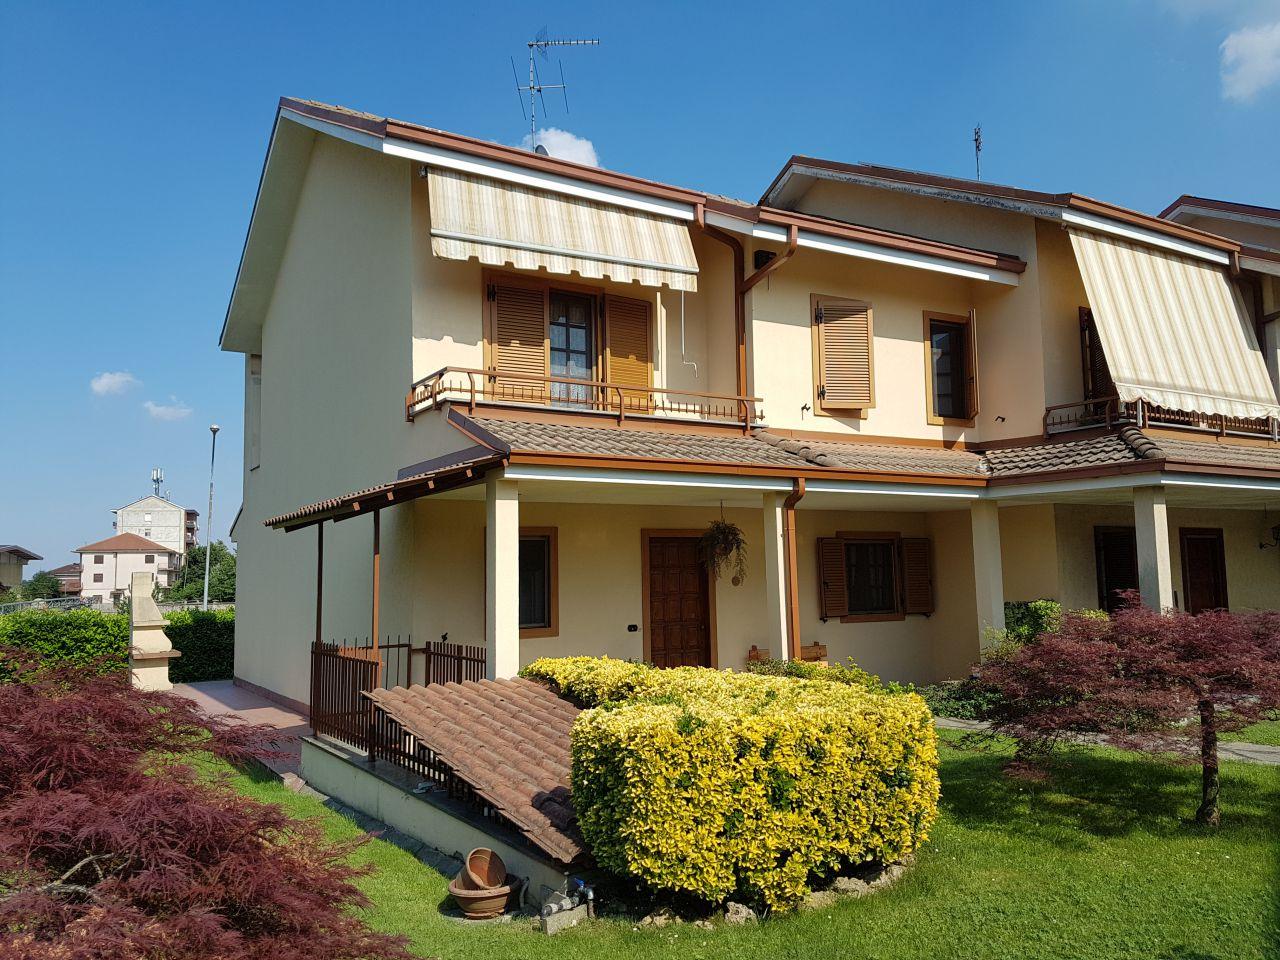 Soluzione Indipendente in vendita a Montanaro, 6 locali, prezzo € 209.000 | CambioCasa.it